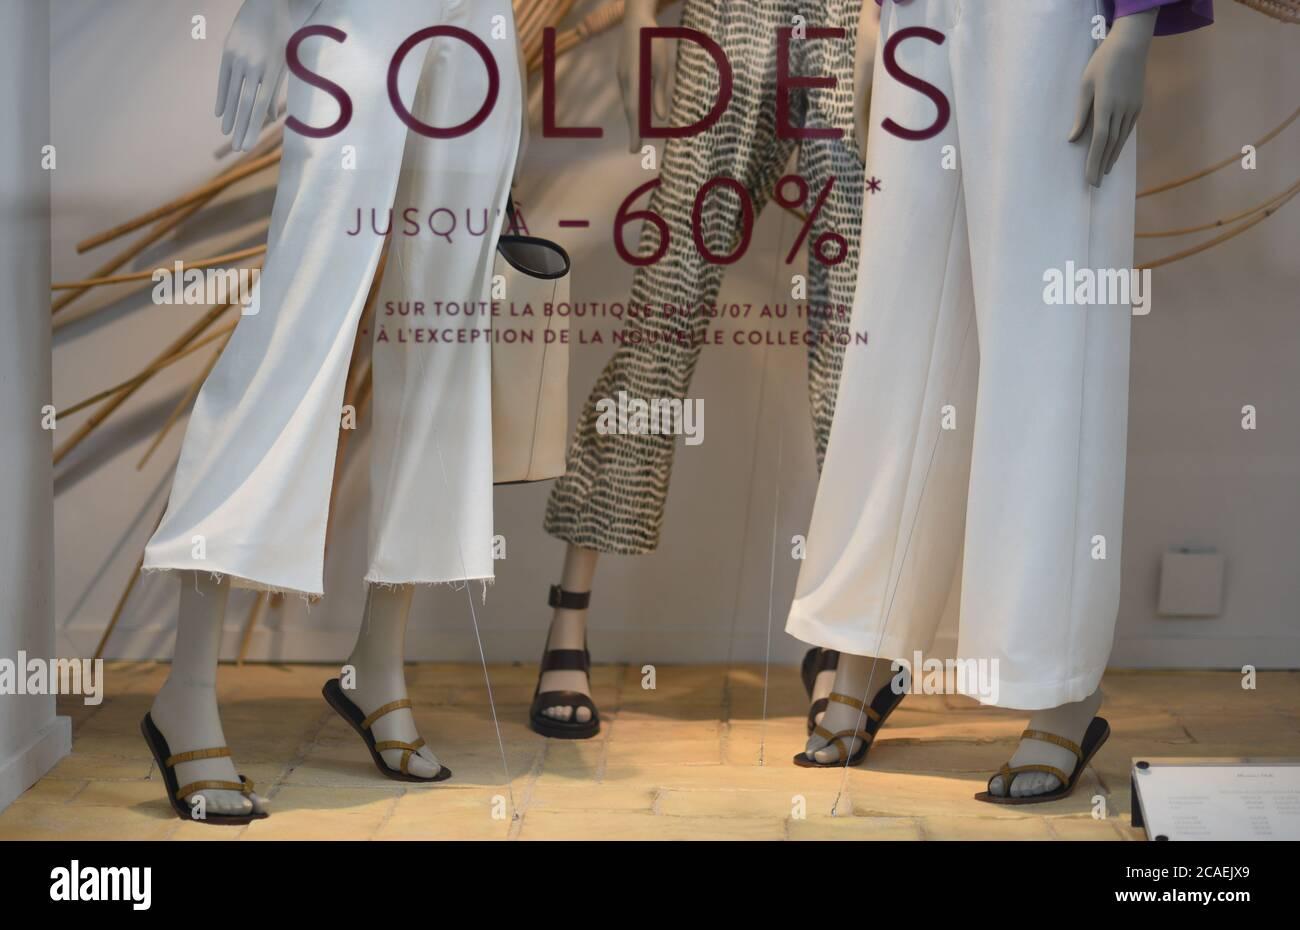 *** ESTRICTAMENTE NO HAY VENTAS A LOS MEDIOS DE COMUNICACIÓN O EDITORES FRANCESES - DERECHOS RESERVADOS ***03 de agosto de 2020 - París, Francia: Primera ventana de una tienda de venta al por menor que lee 'ventas hasta menos 60 por ciento' cerca de la Place de la Madeleine. Las tiendas de Marca de lujo en París se ven gravemente afectadas por la crisis de Covid, con los turistas ricos permanecer lejos debido a las restricciones de viaje y los temores de coronavirus. Une vitrine de promotion des soldes dans une boutique pres de la Place de la Madeleine. Les boutiques de luxe font frente a una una mute de leur clientela traditionnelle du fait de la crise du Covid-19 et des restrictions de voyage. Foto de stock